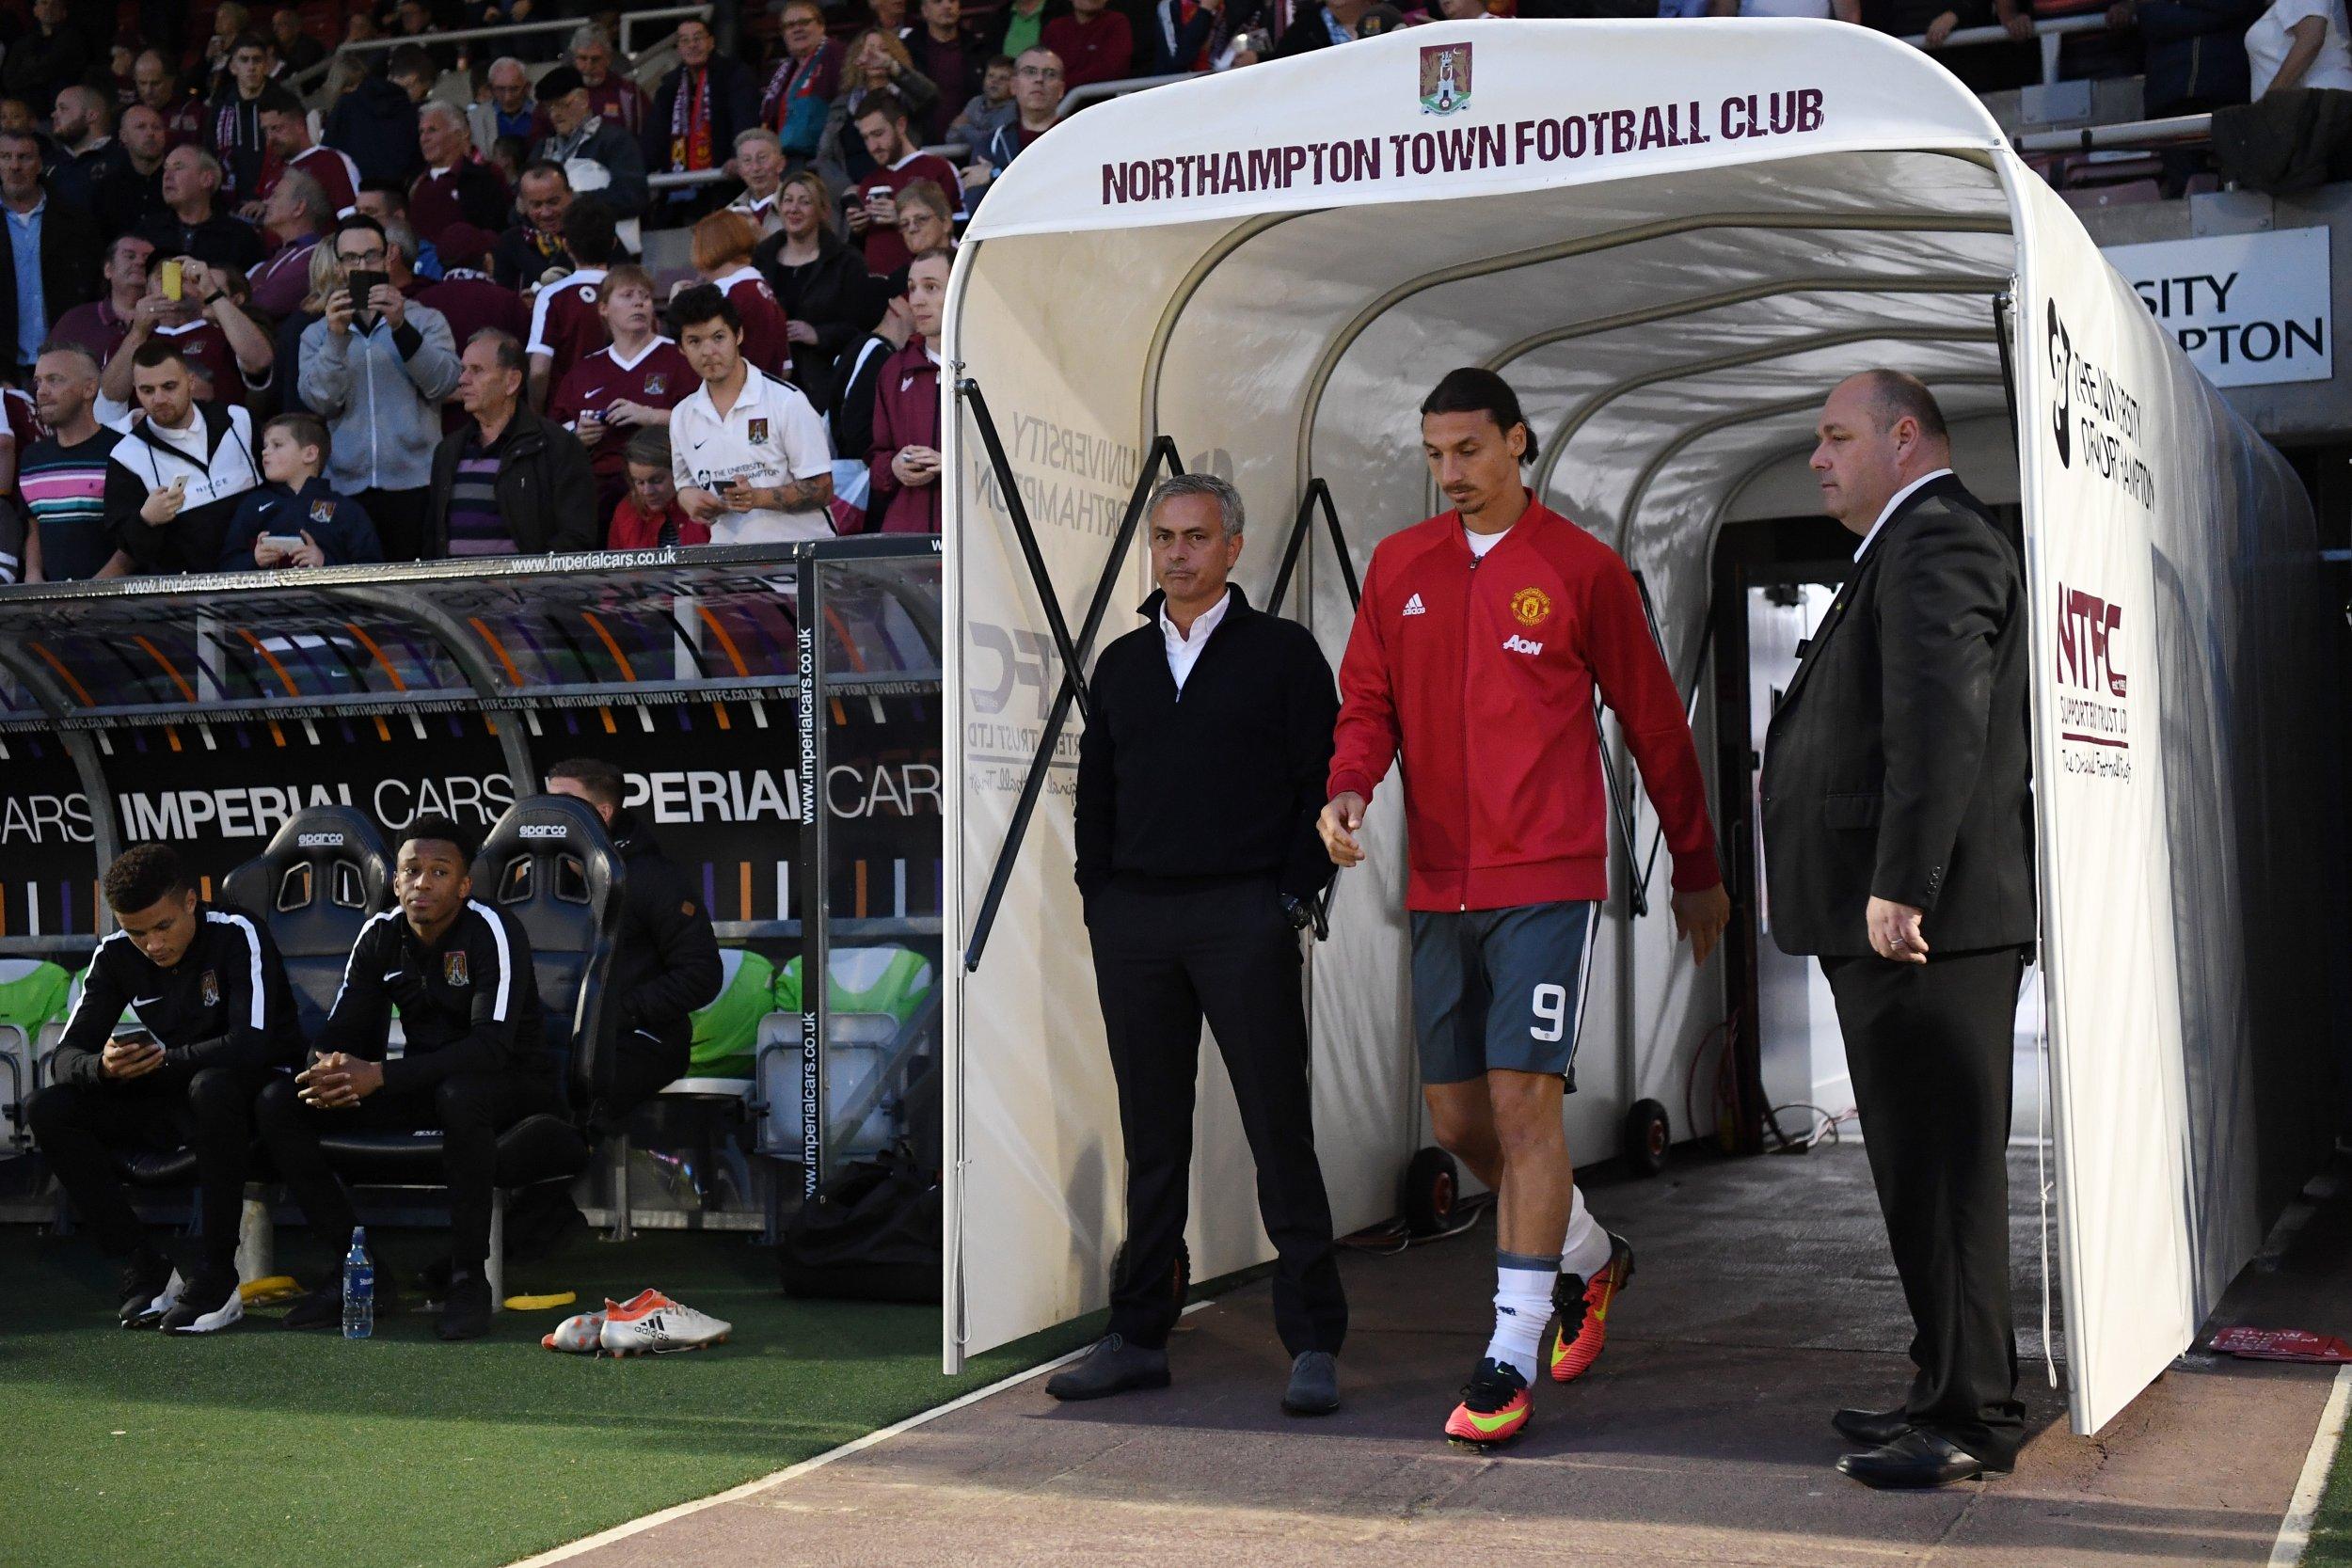 Mourinho and Ibrahimovic